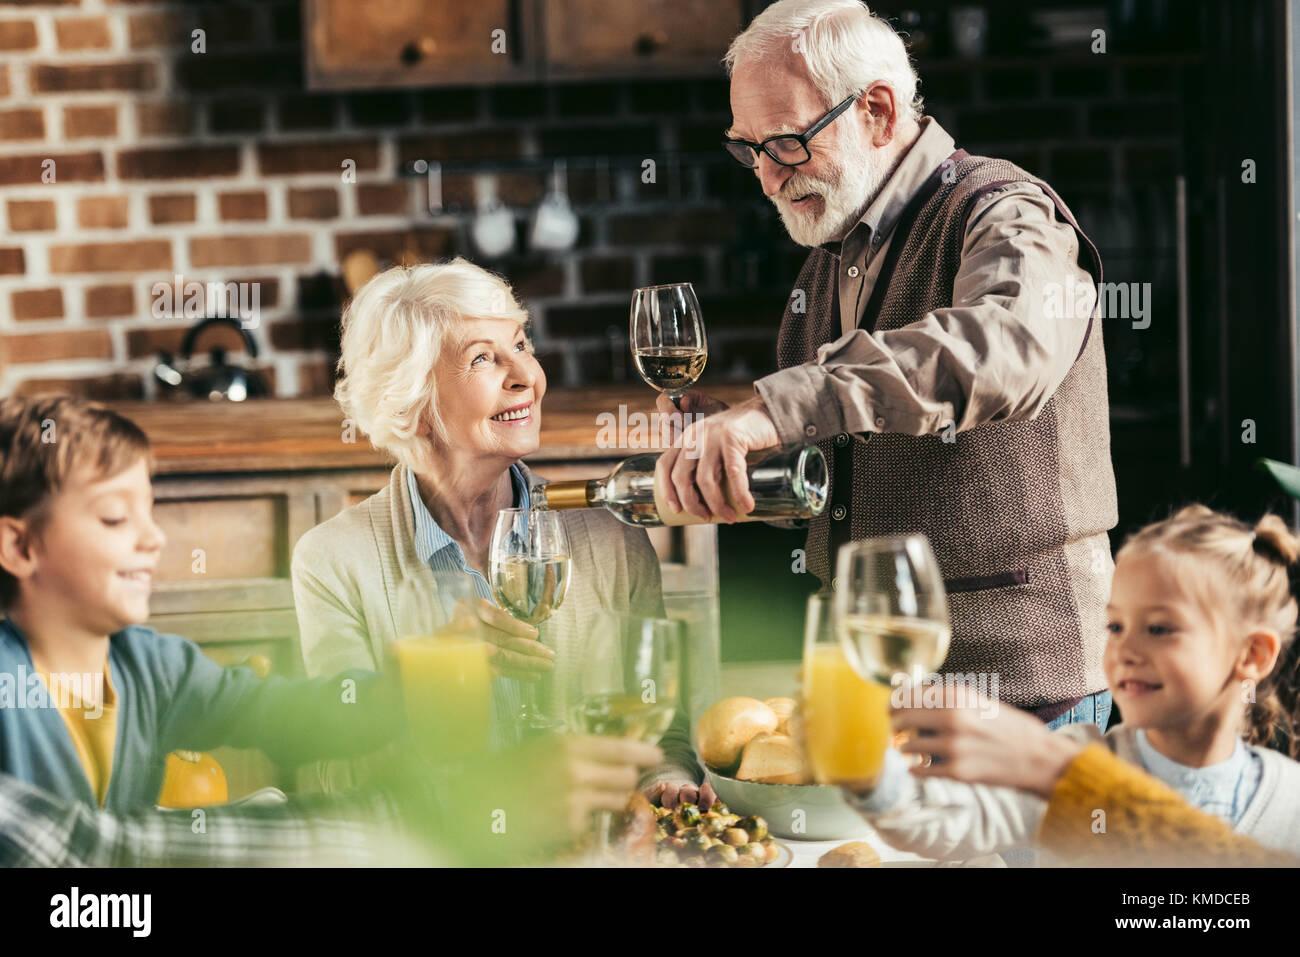 Senior uomo versando il vino per donna Immagini Stock